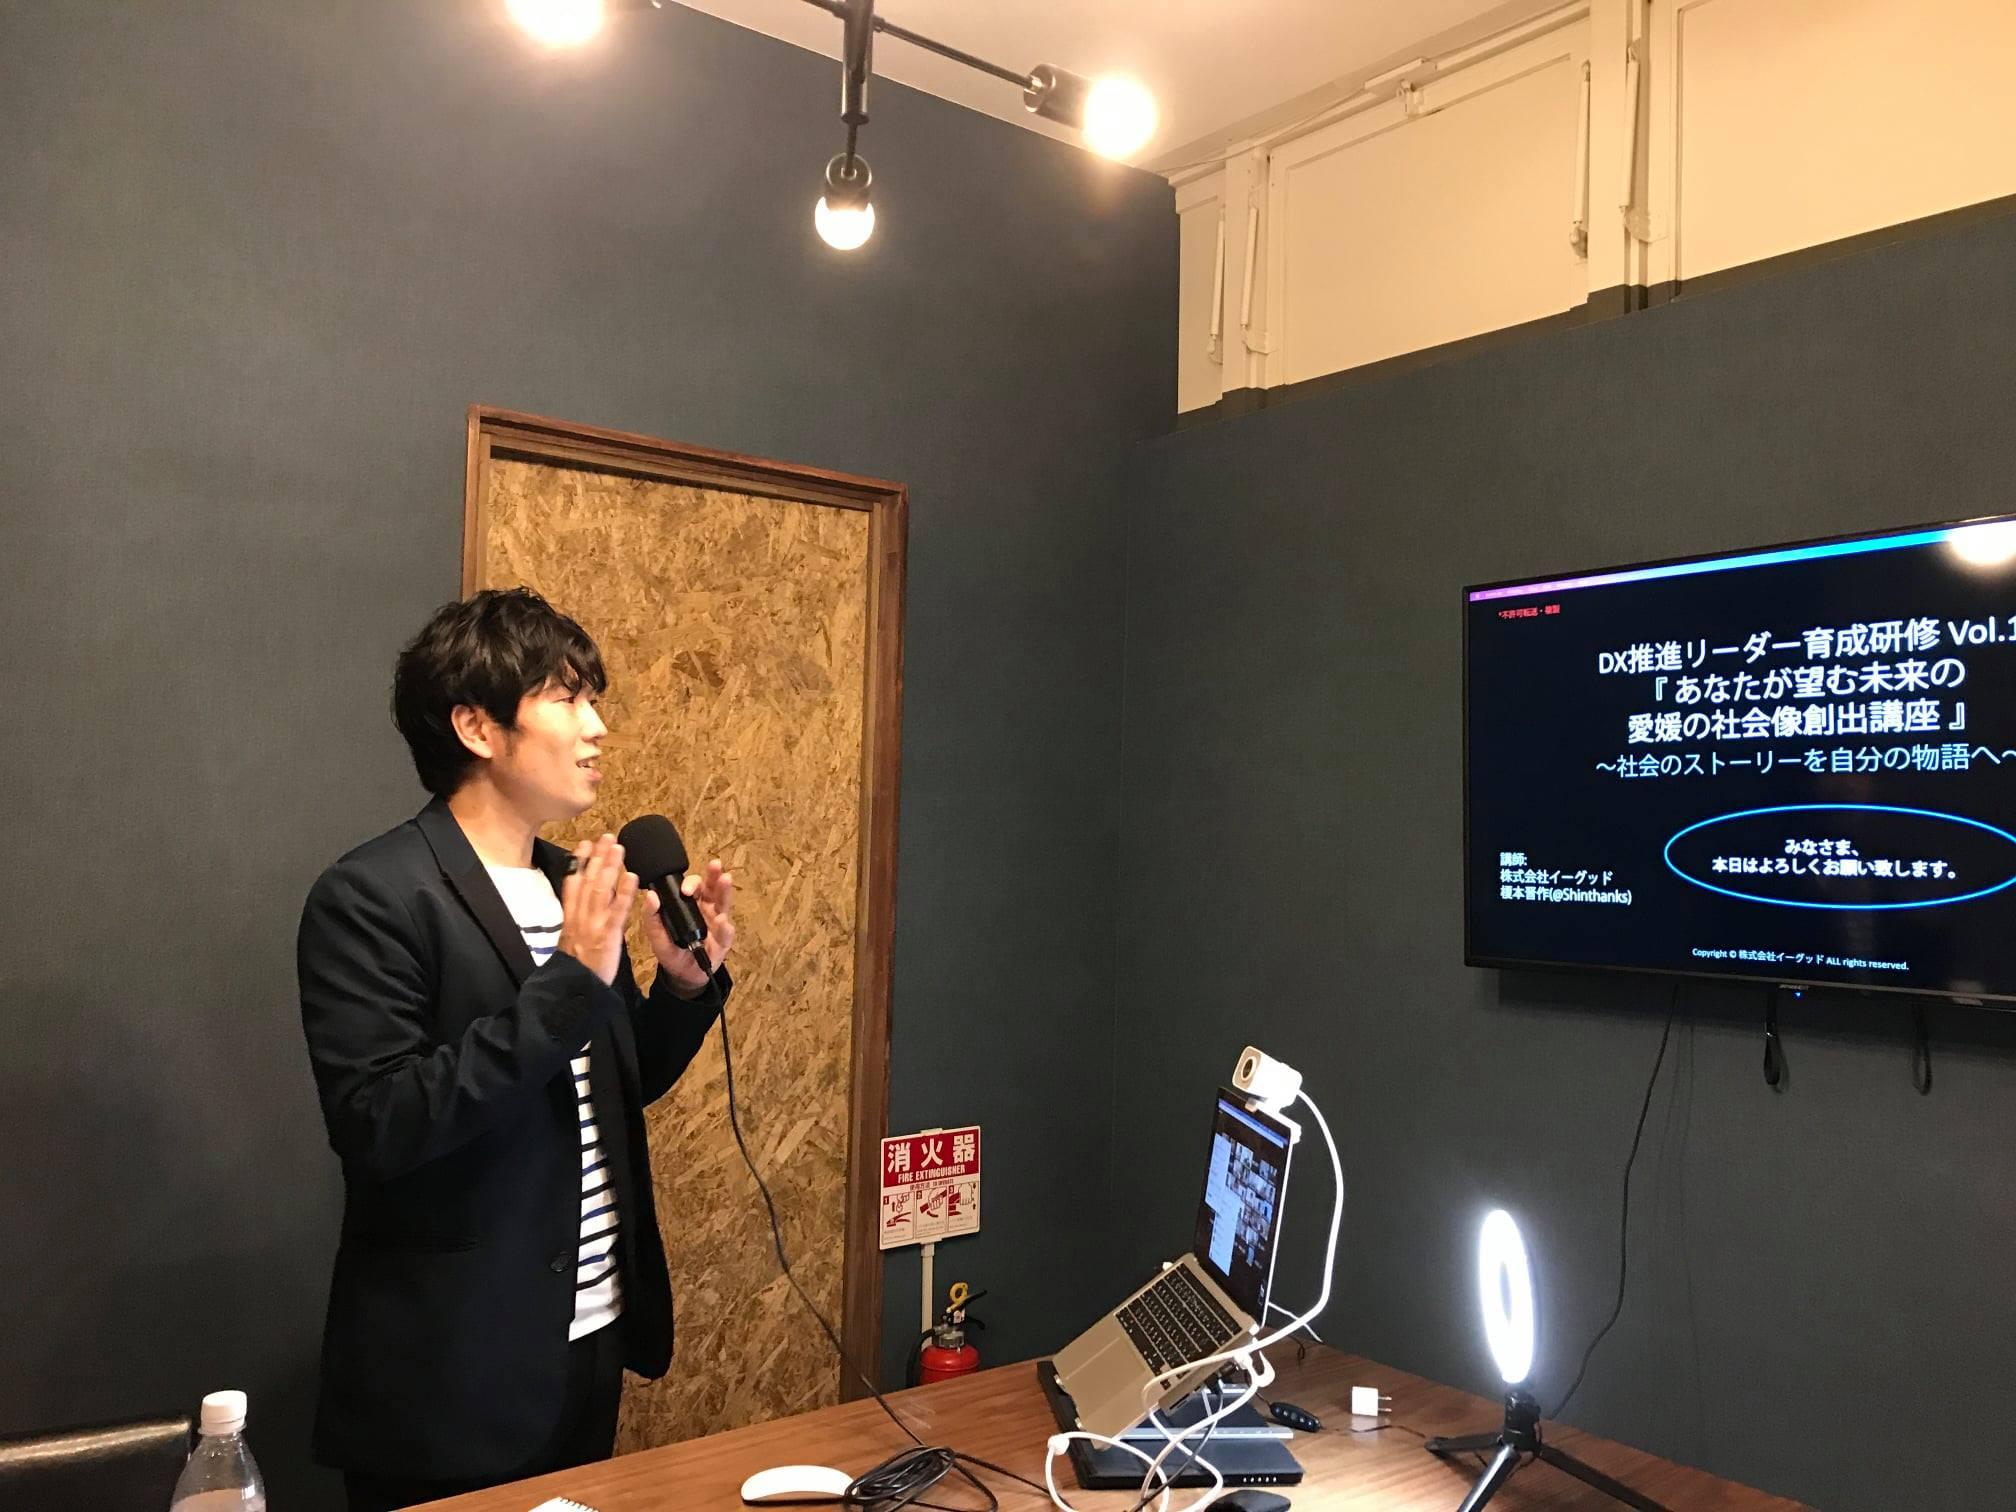 愛媛県DX推進リーダー育成研修講座_第一回「未来洞察講座」の講演中の様子